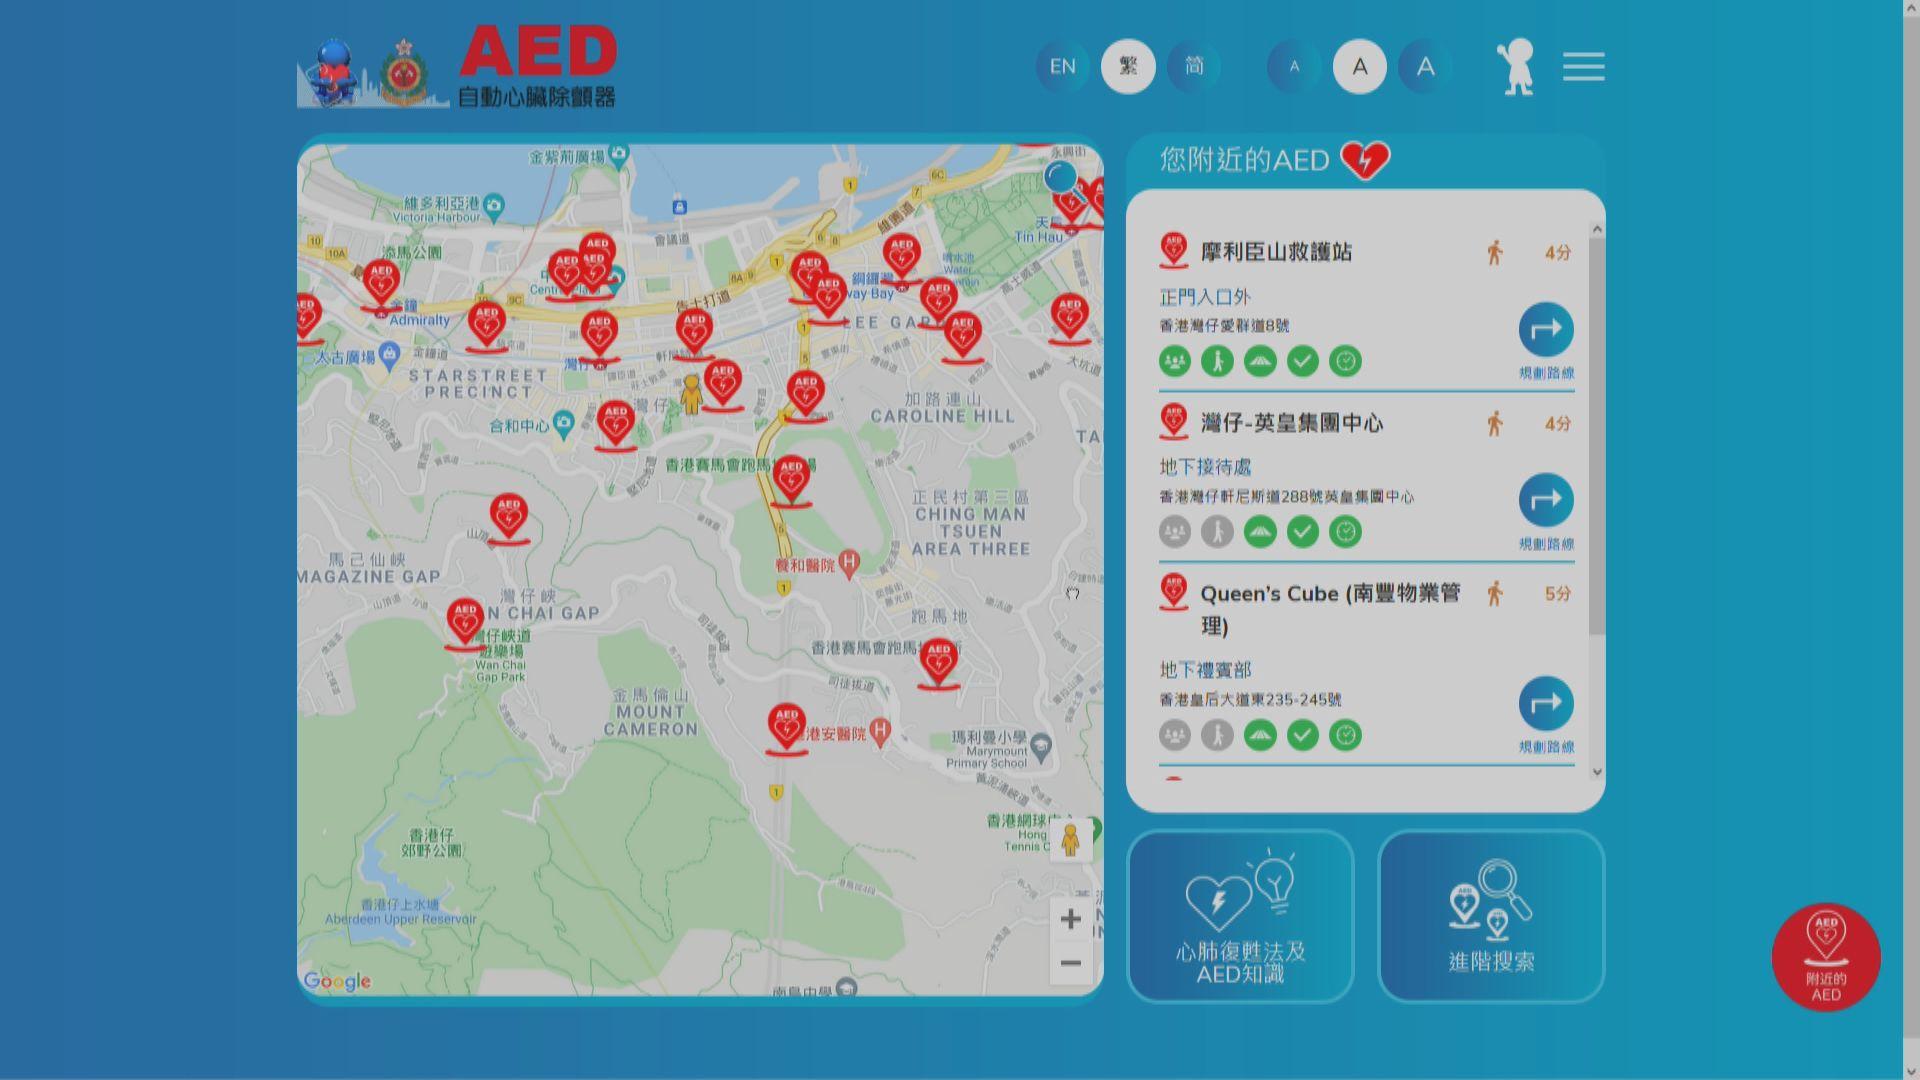 【救人自救】消防處推網上平台 顯示各區自動心臟除顫器位置